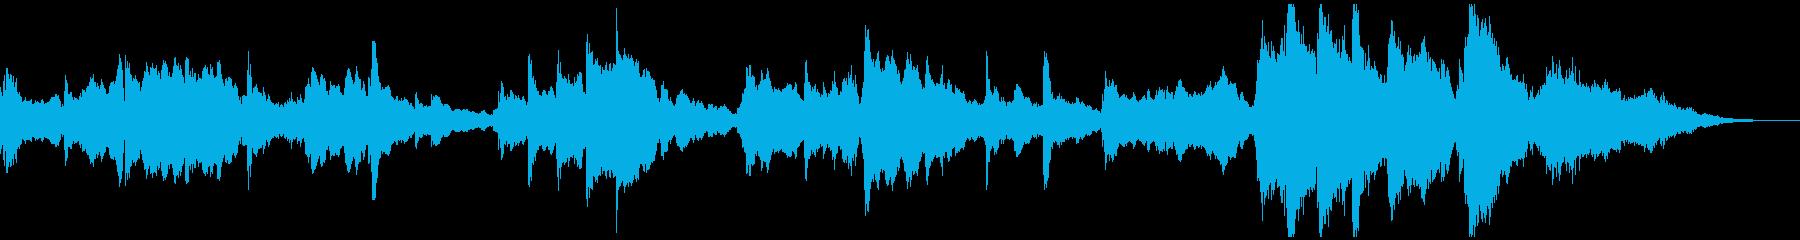 厳か、ファンタジック、クラシカルジングルの再生済みの波形